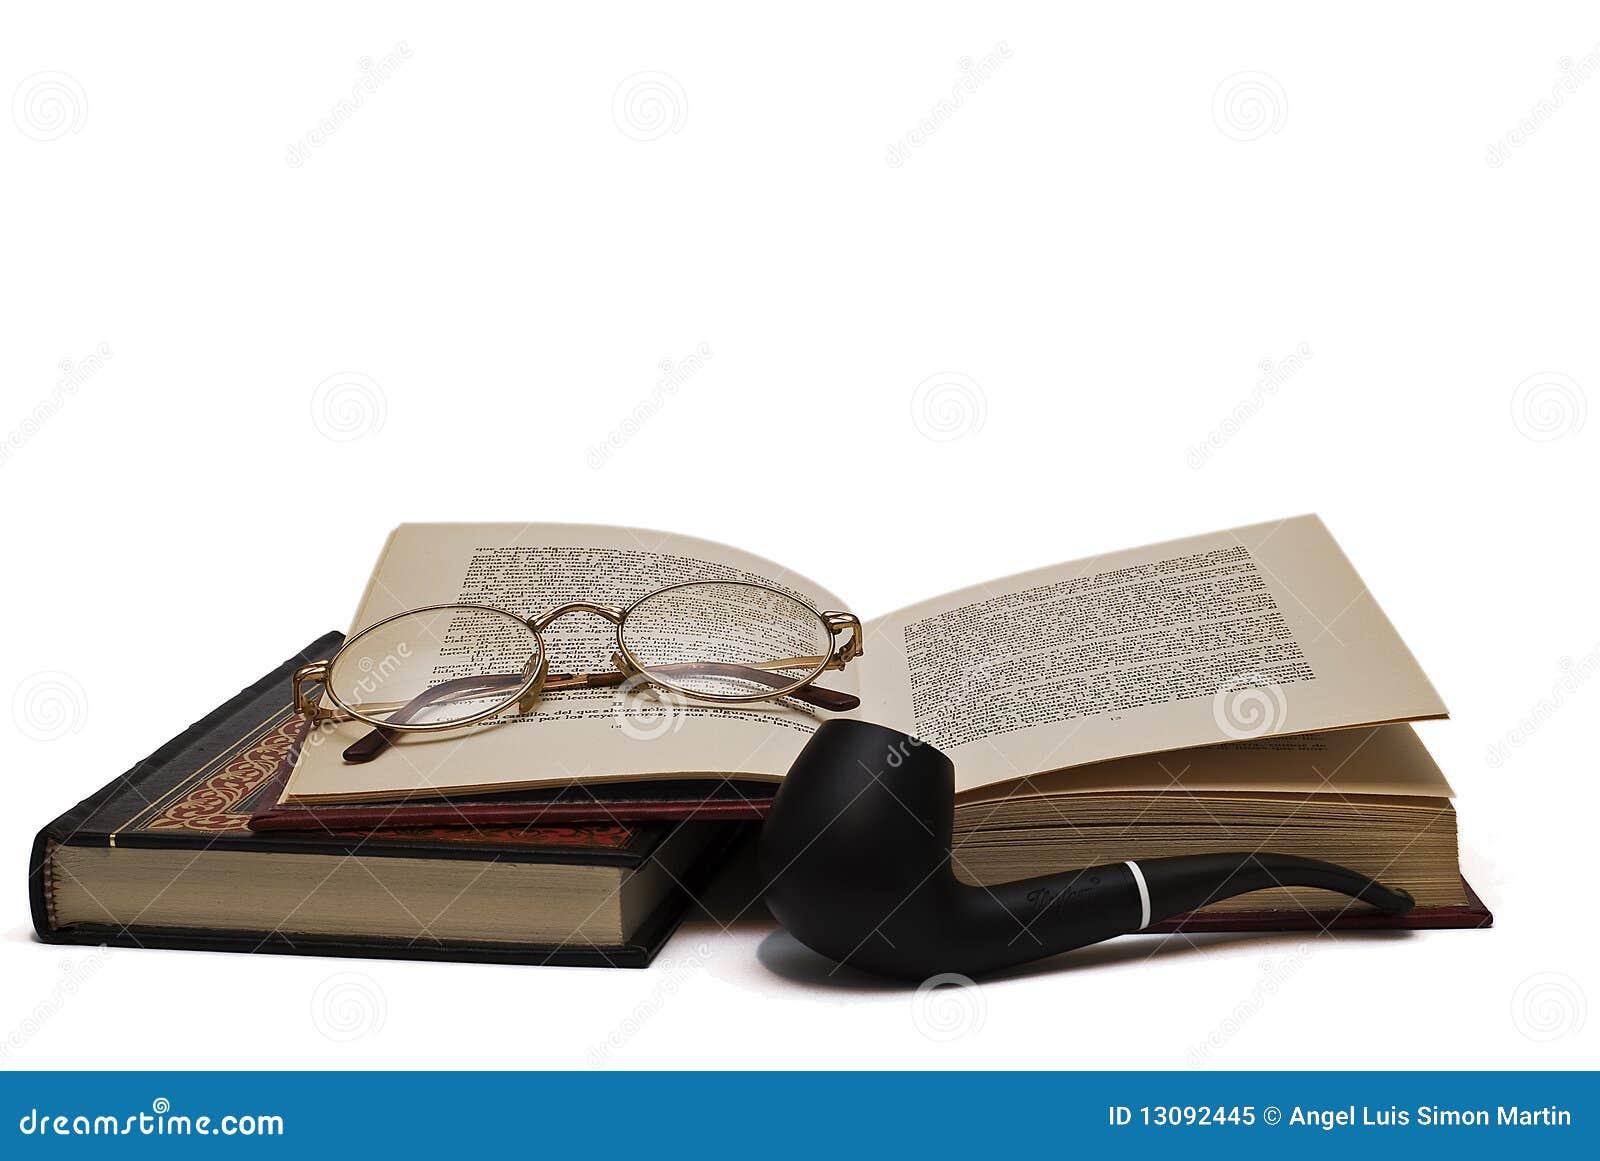 Glaces sur les livres et une pipe.